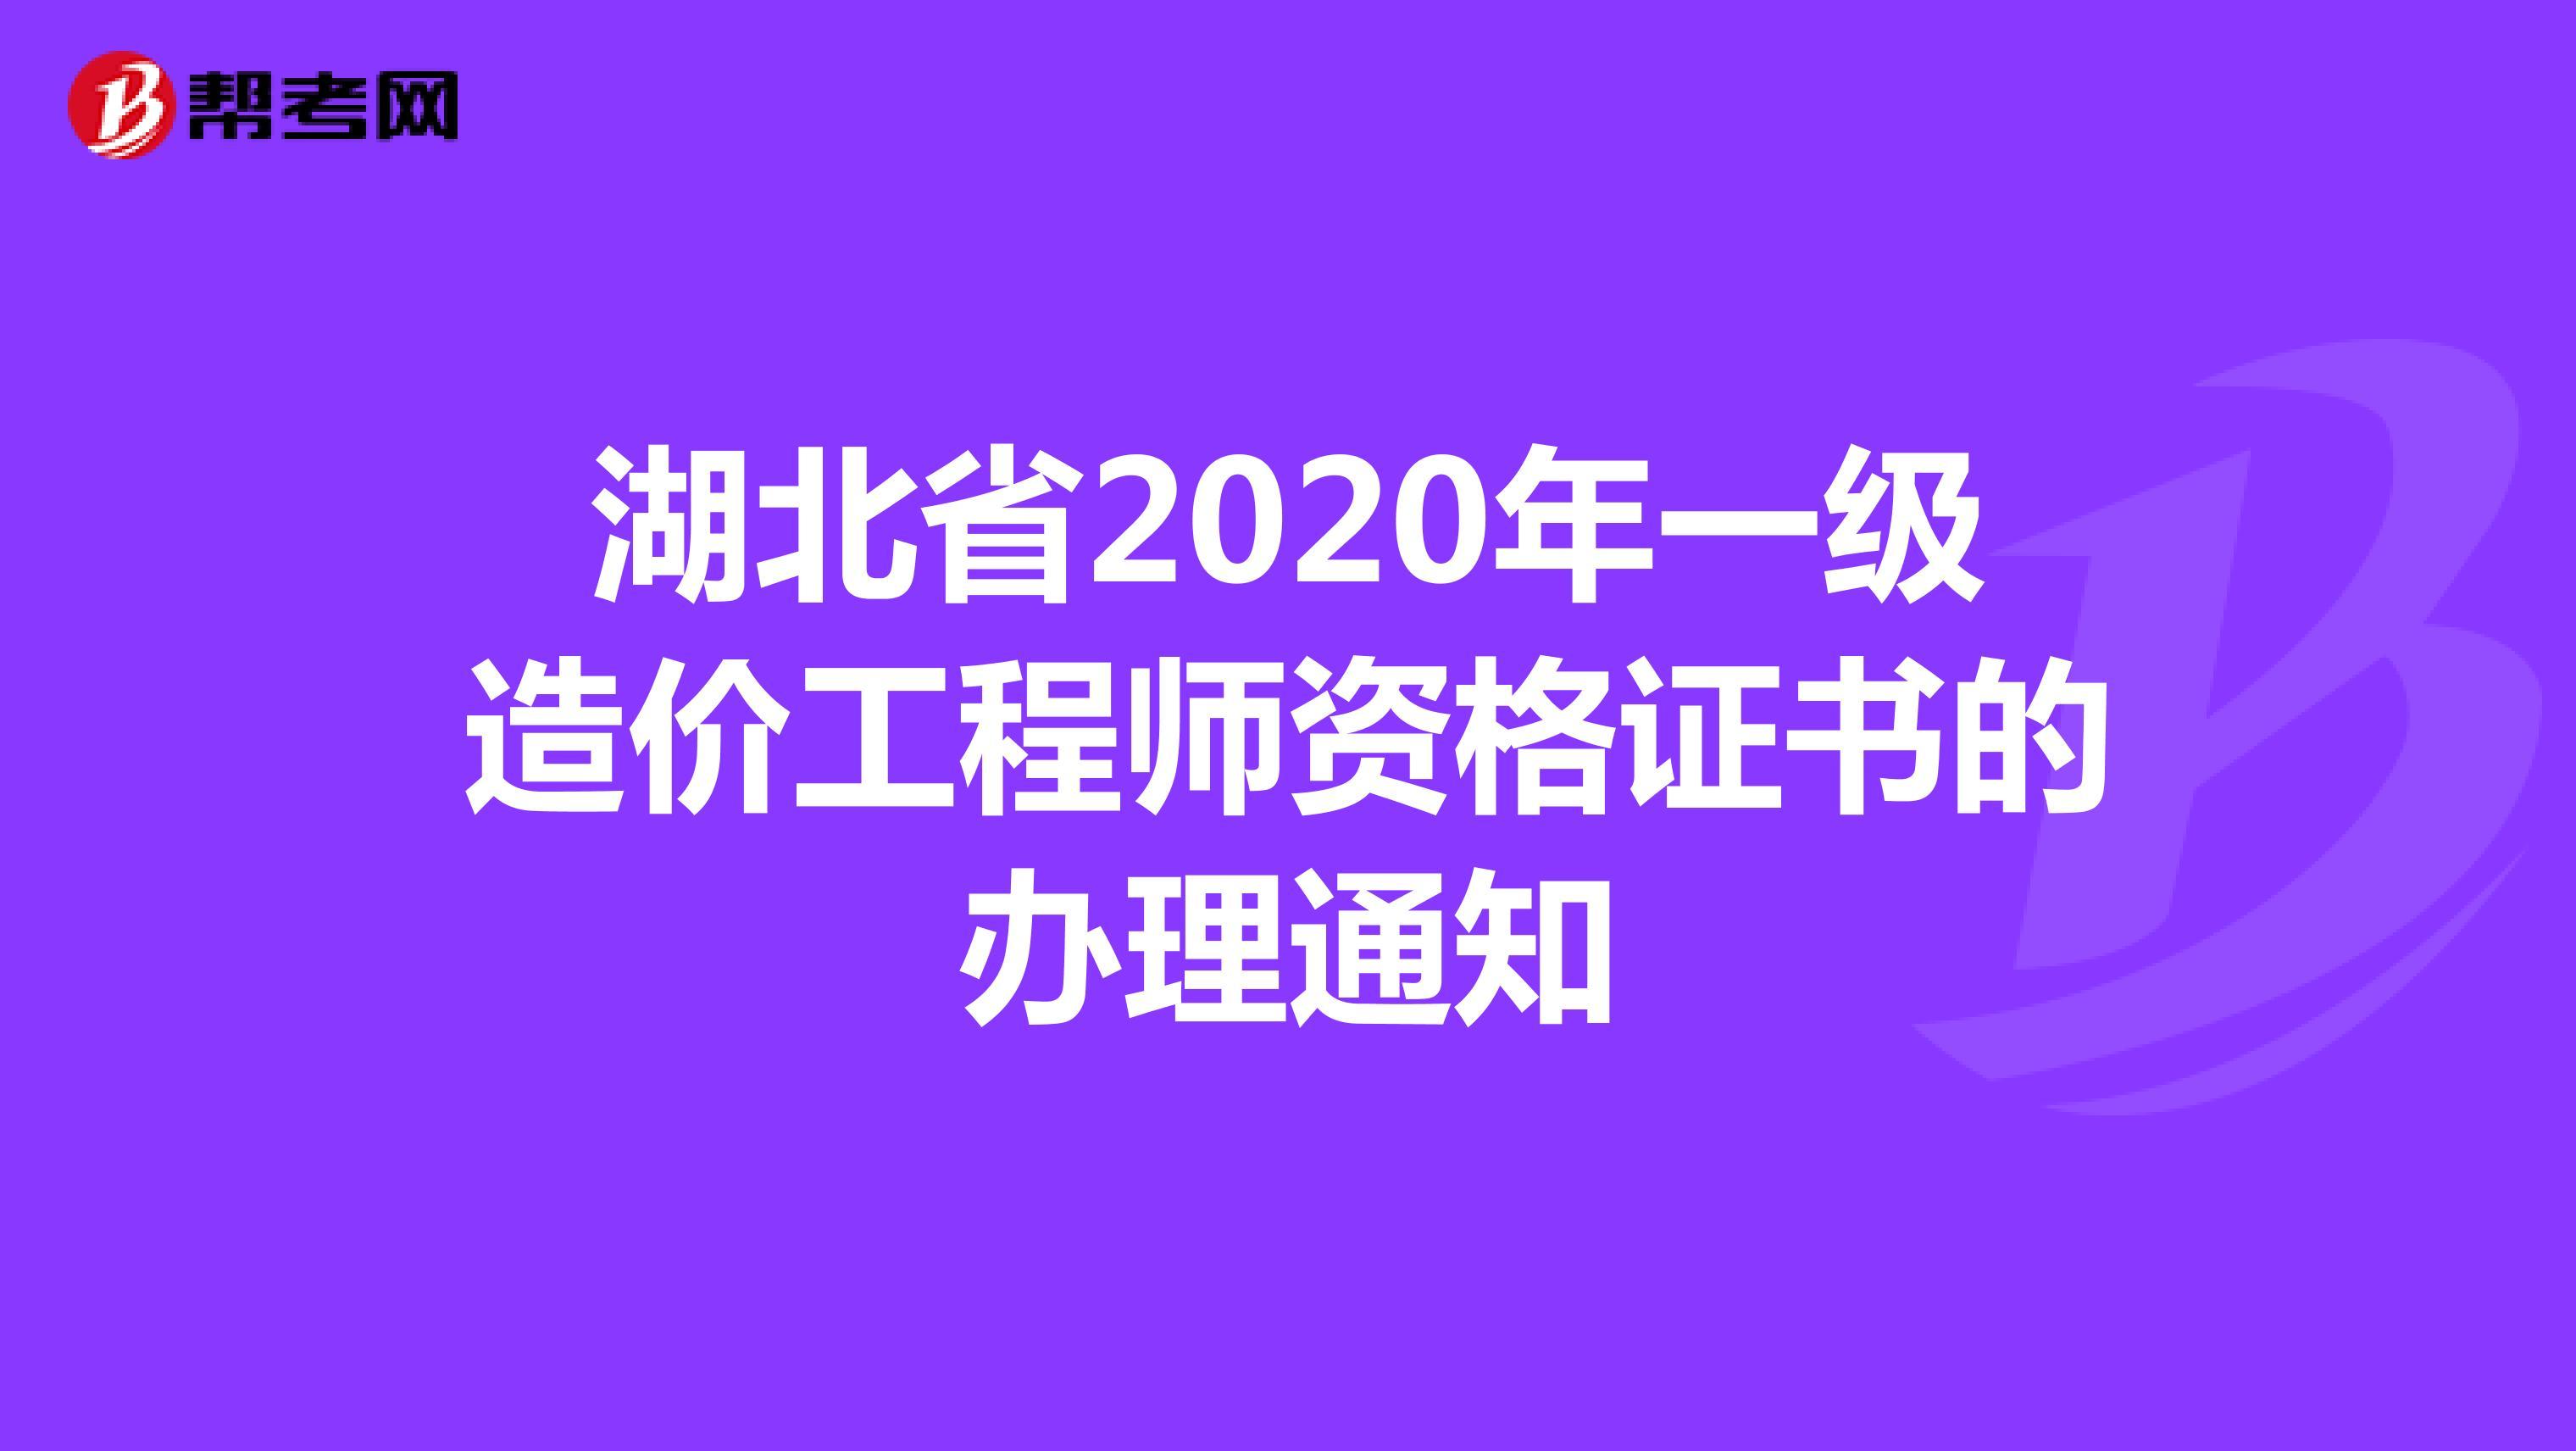 湖北省2020年一级造价工程师资格证书的办理通知